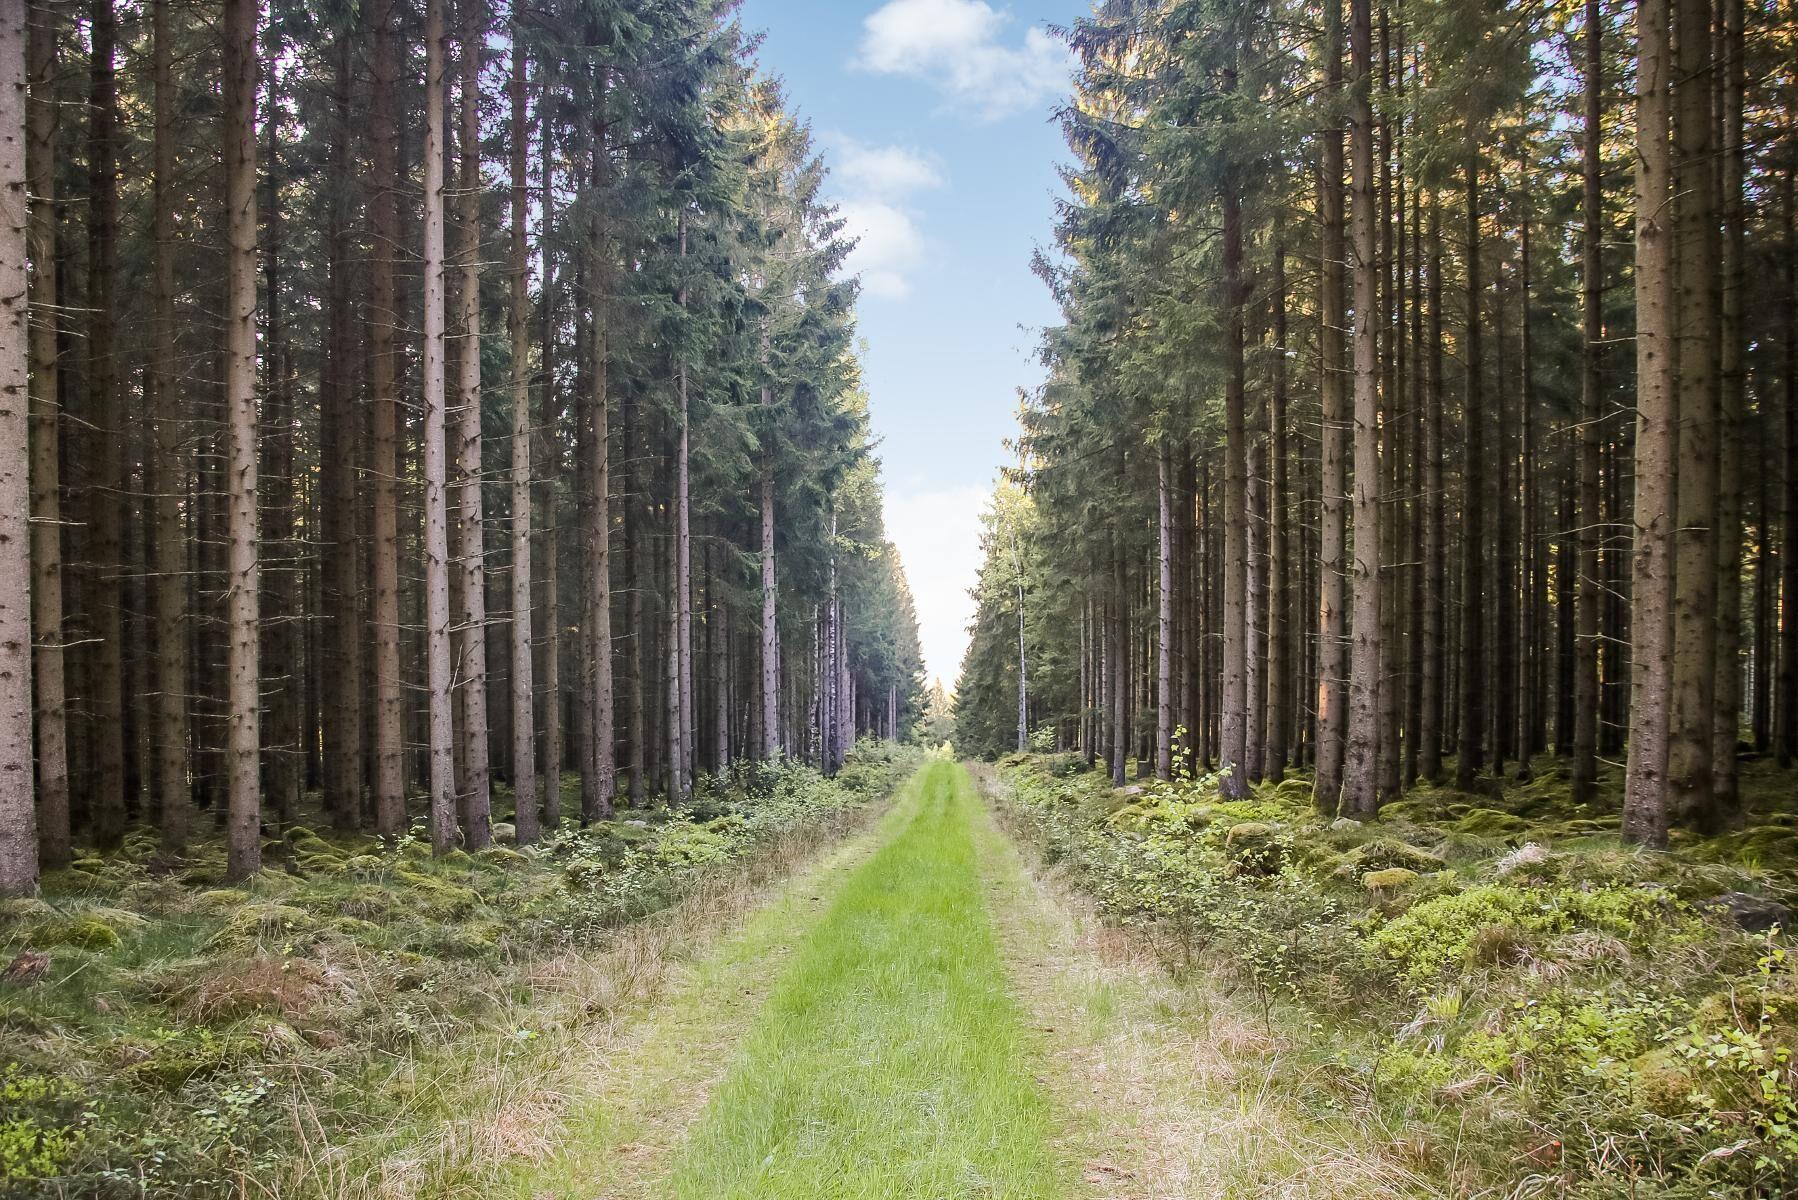 Skogsfonden Silvestica Green Forest köper 5 200 hektar skog i Halland av Stora Enso, men säljer vidare 1 400 till skogsägare i närområdet.